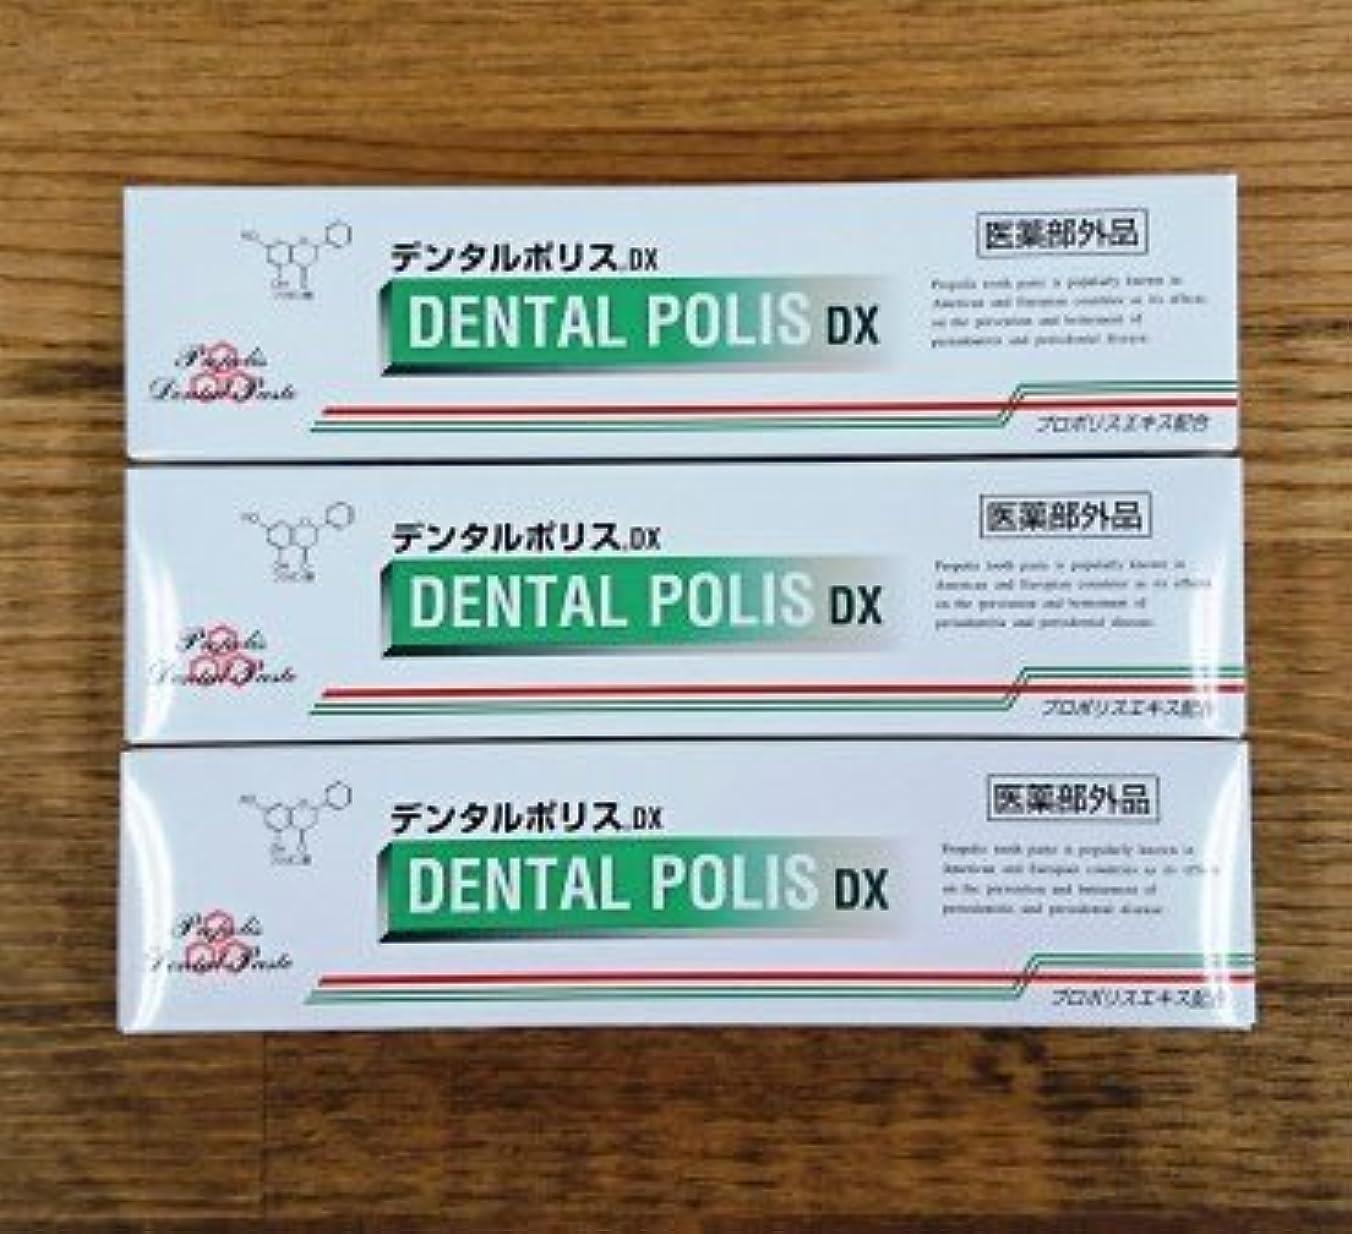 コーンウォールライフルウィンクデンタルポリスDX80g×3本セット 医薬部外品  歯みがき